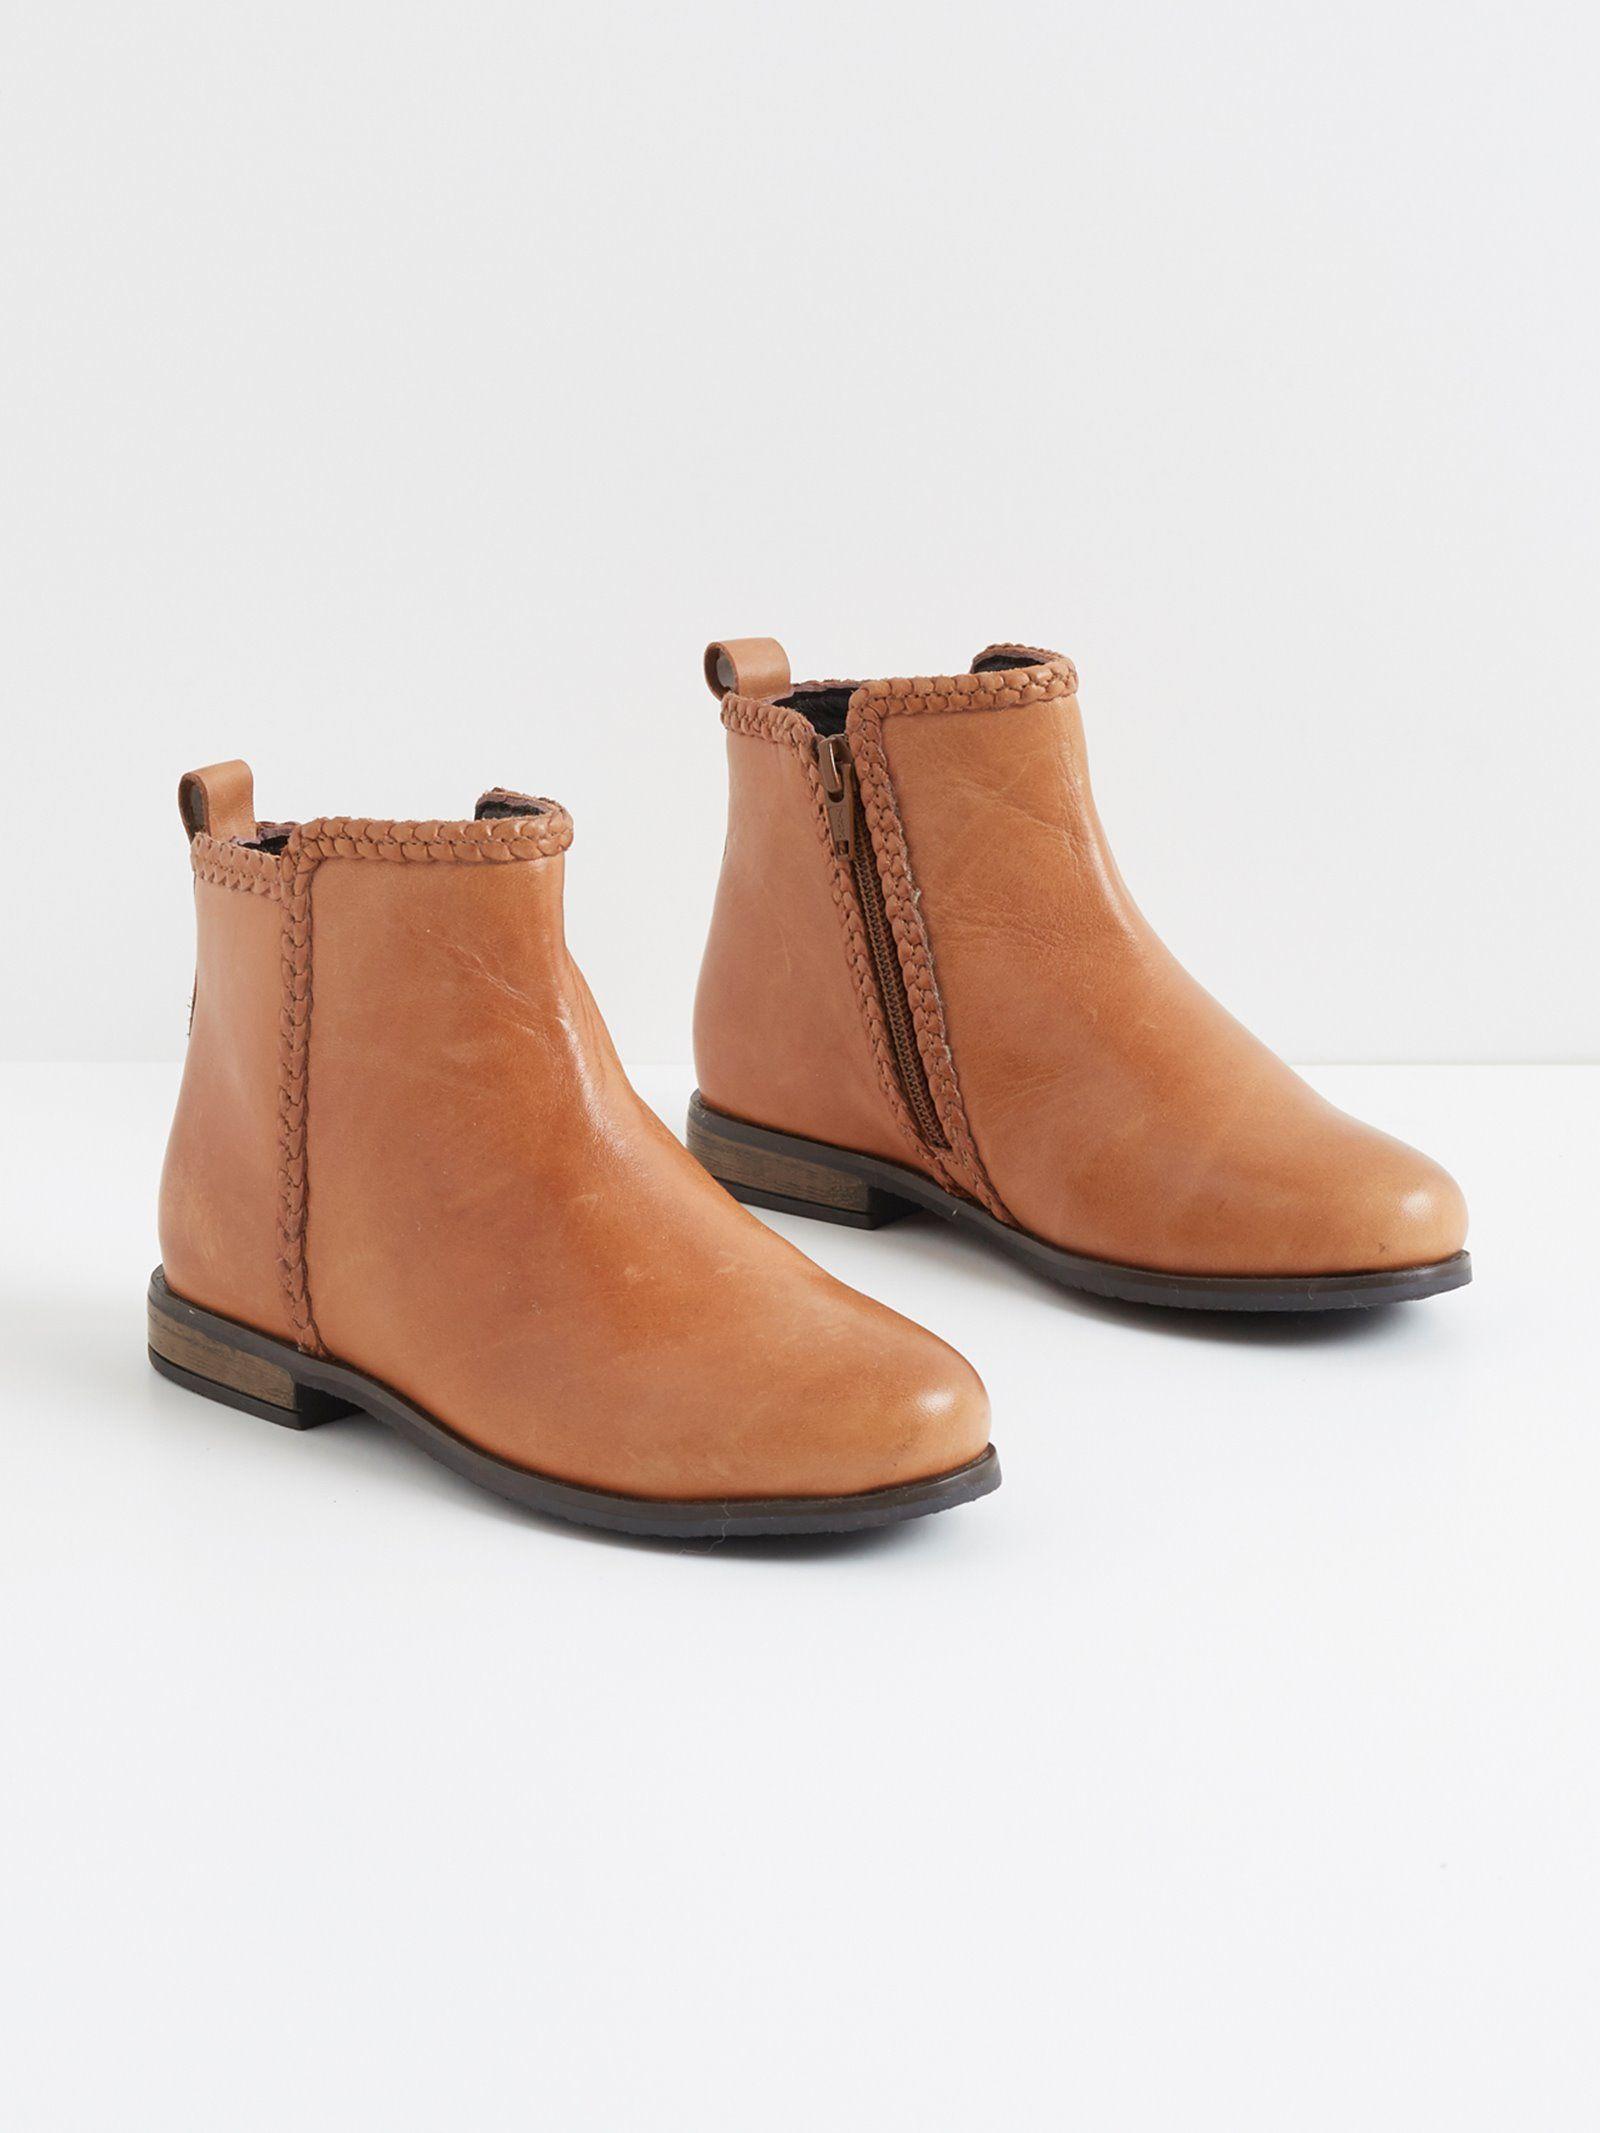 Low boots recherchent petits looks tendance à porter avec un jupon hindi, un short denim, un ...